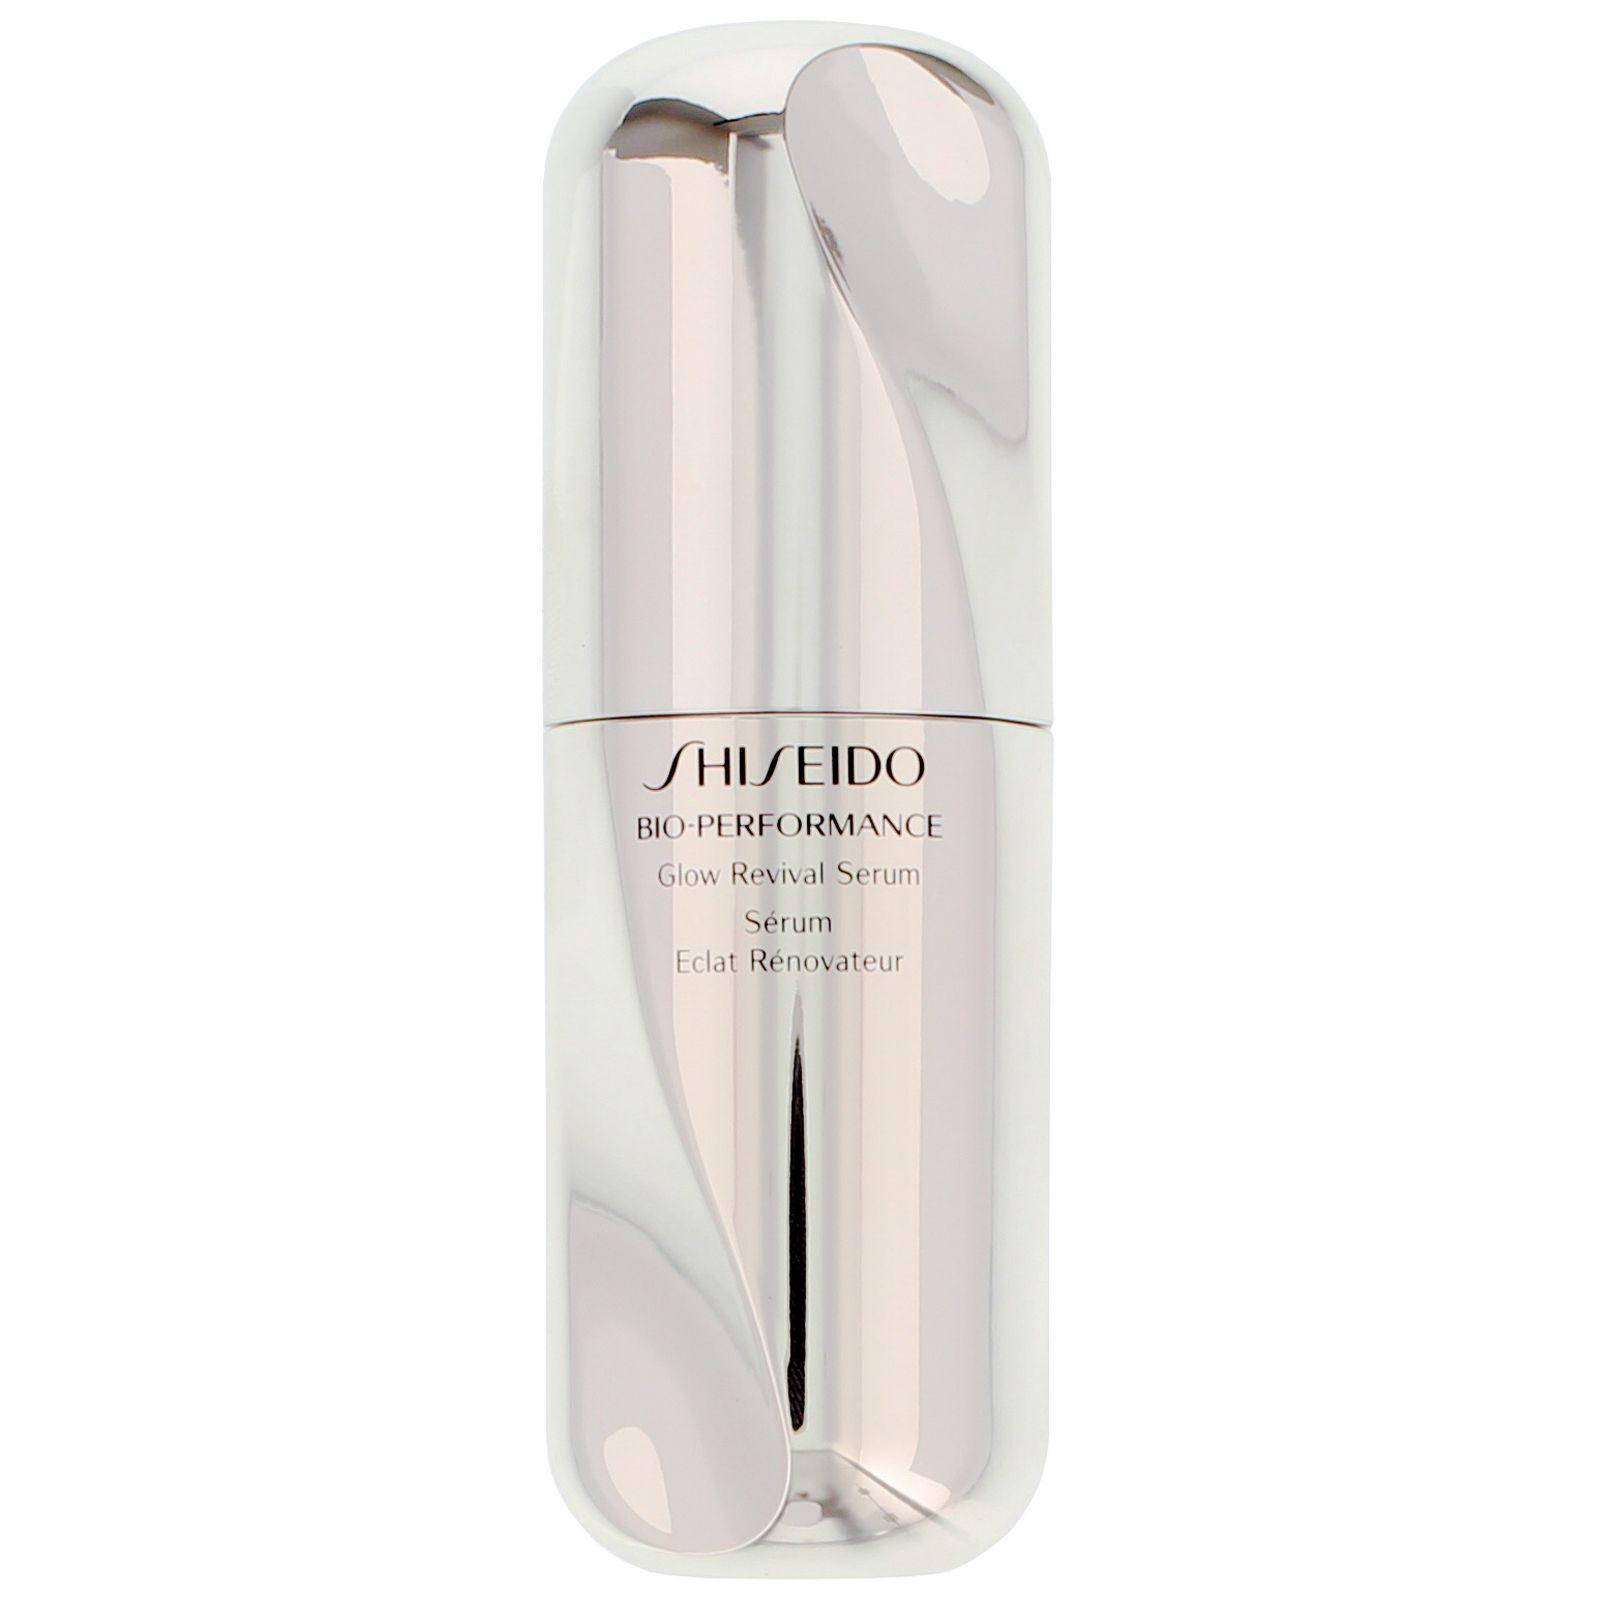 Shiseido Bio-Performance Glow Revival Serum 30ml / 1 fl.oz.